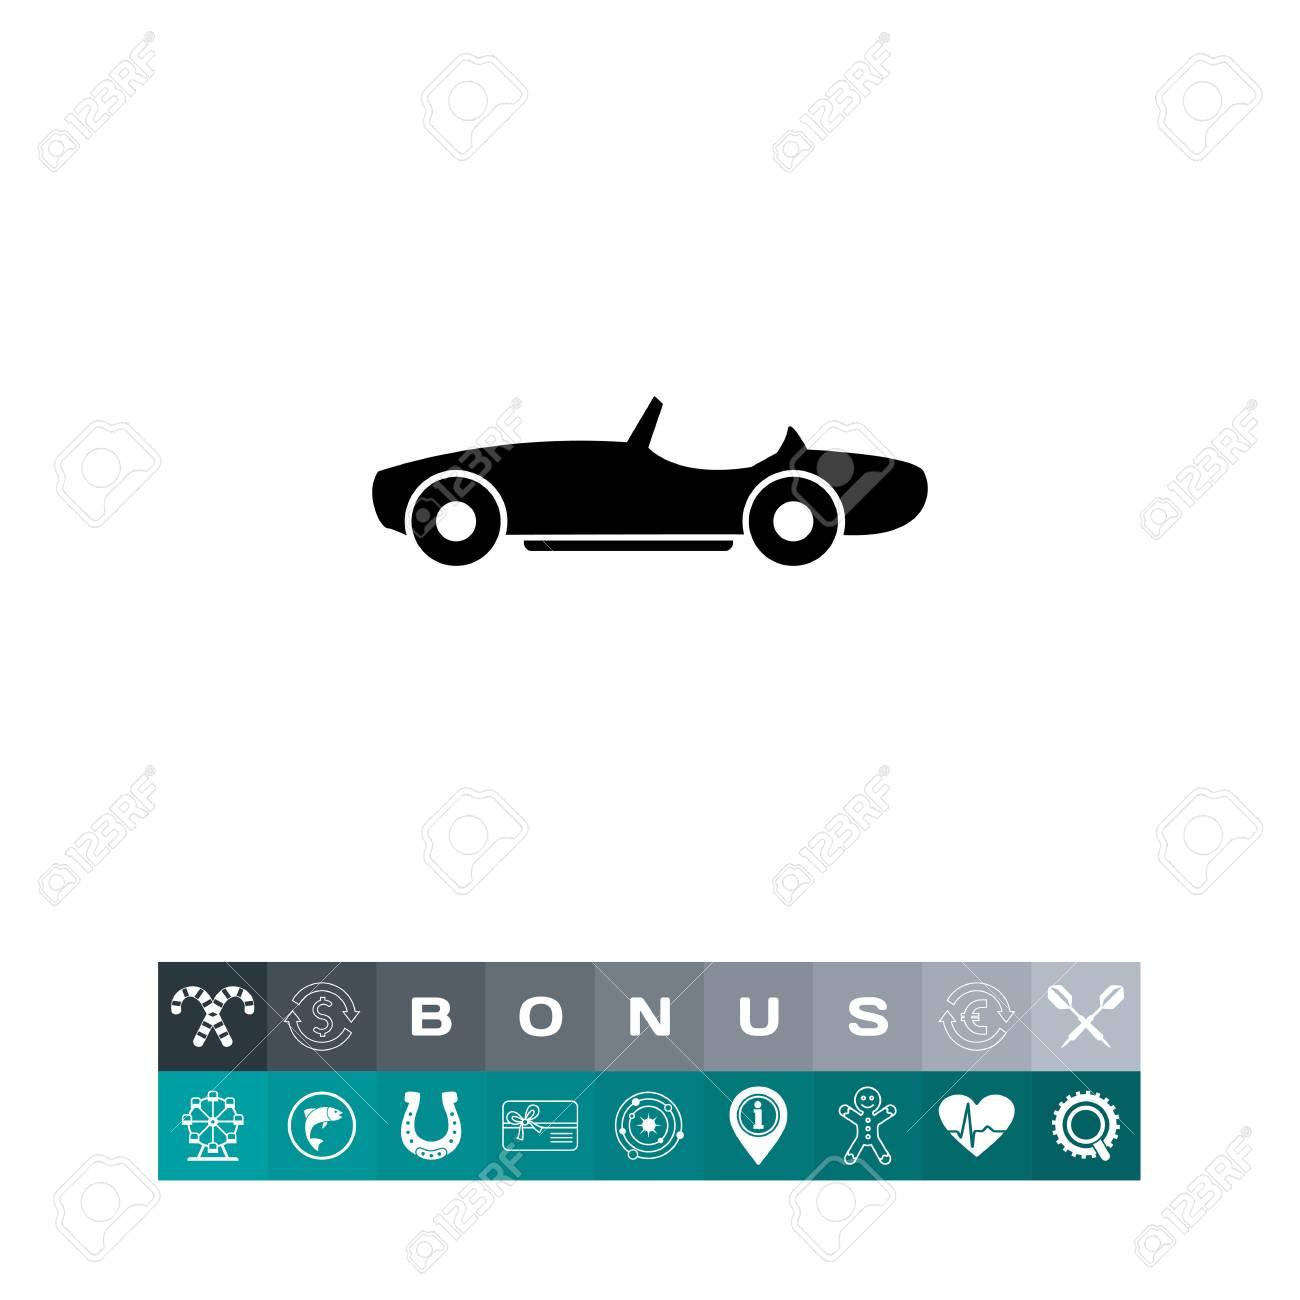 Voiture Sans Toit Ete Transport Luxe Concept D Automobile Peut Etre Utilise Pour Des Sujets Comme La Technologie La Mode Le Transport